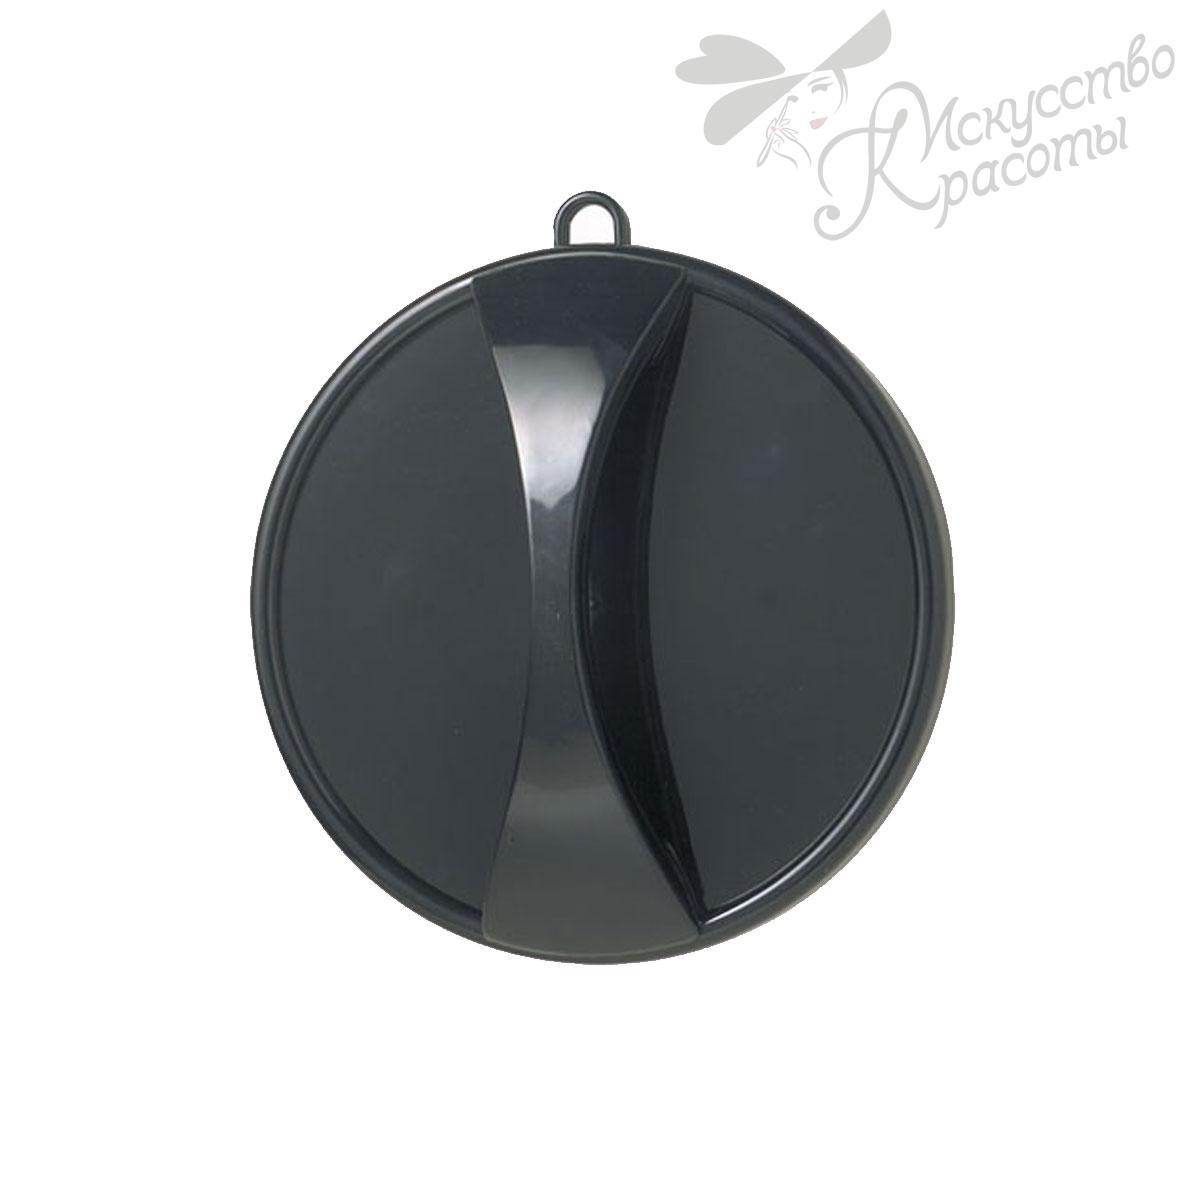 Зеркало ручное черное d29 Executive Comair